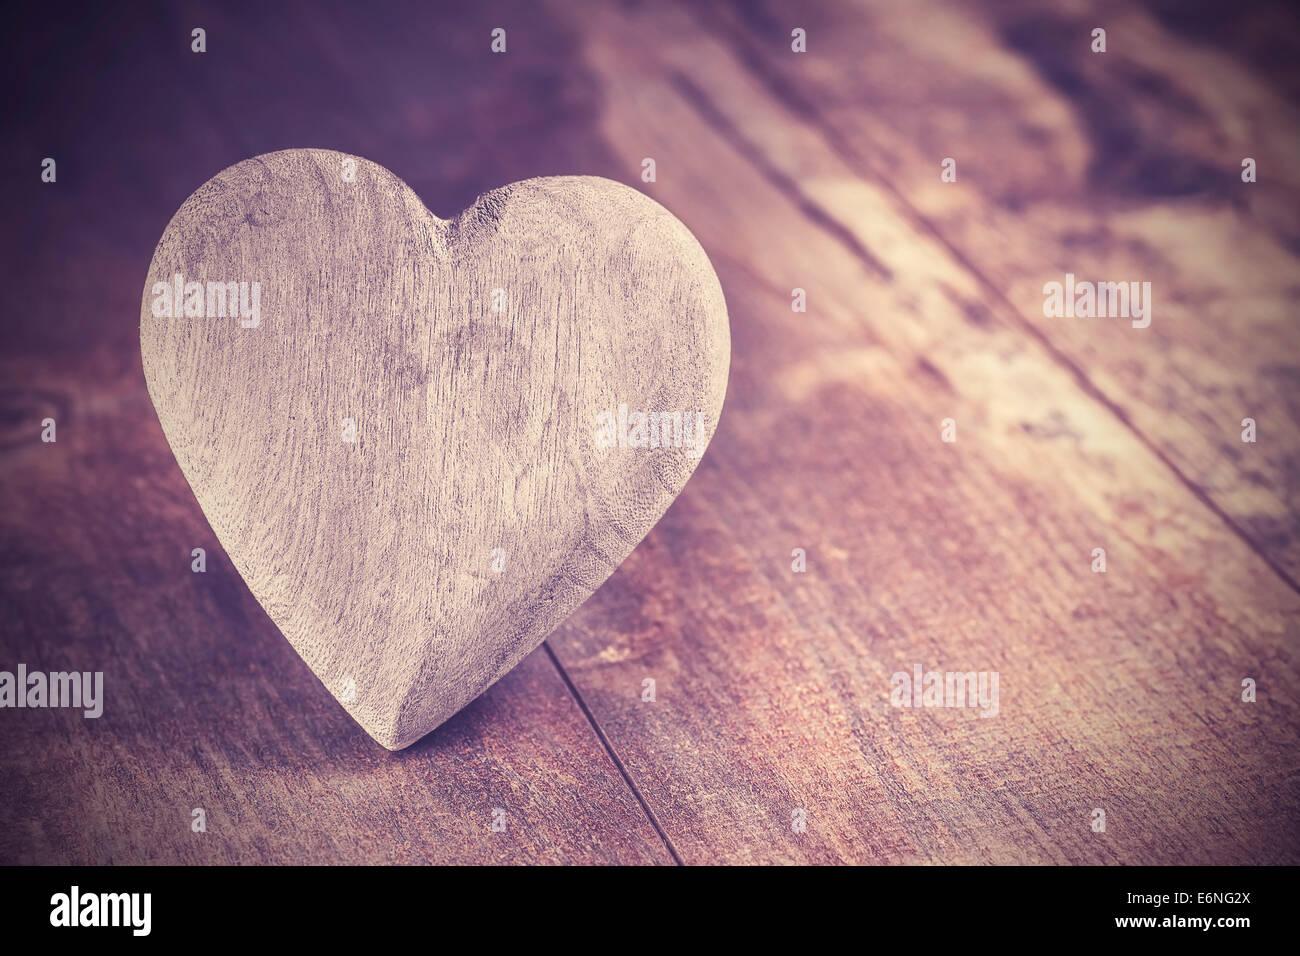 Estilo Vintage corazón sobre fondo de madera rústica, copie el espacio. Imagen De Stock